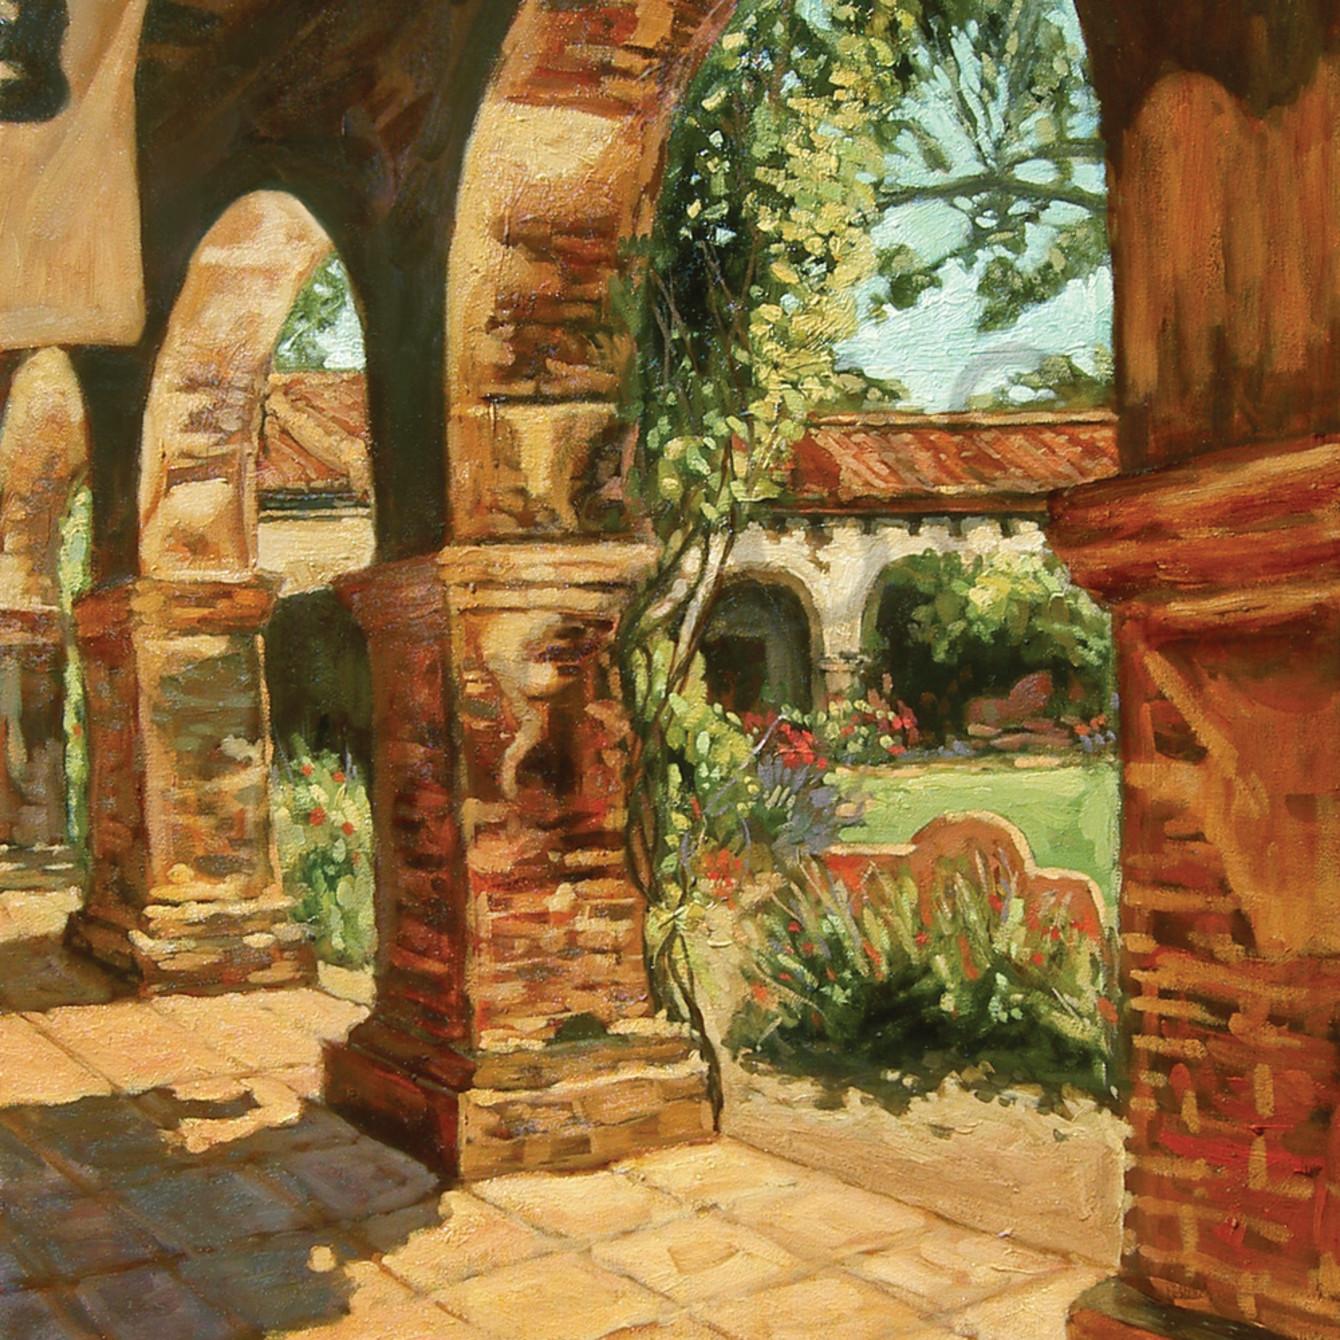 Mission courtyard jpmyhr